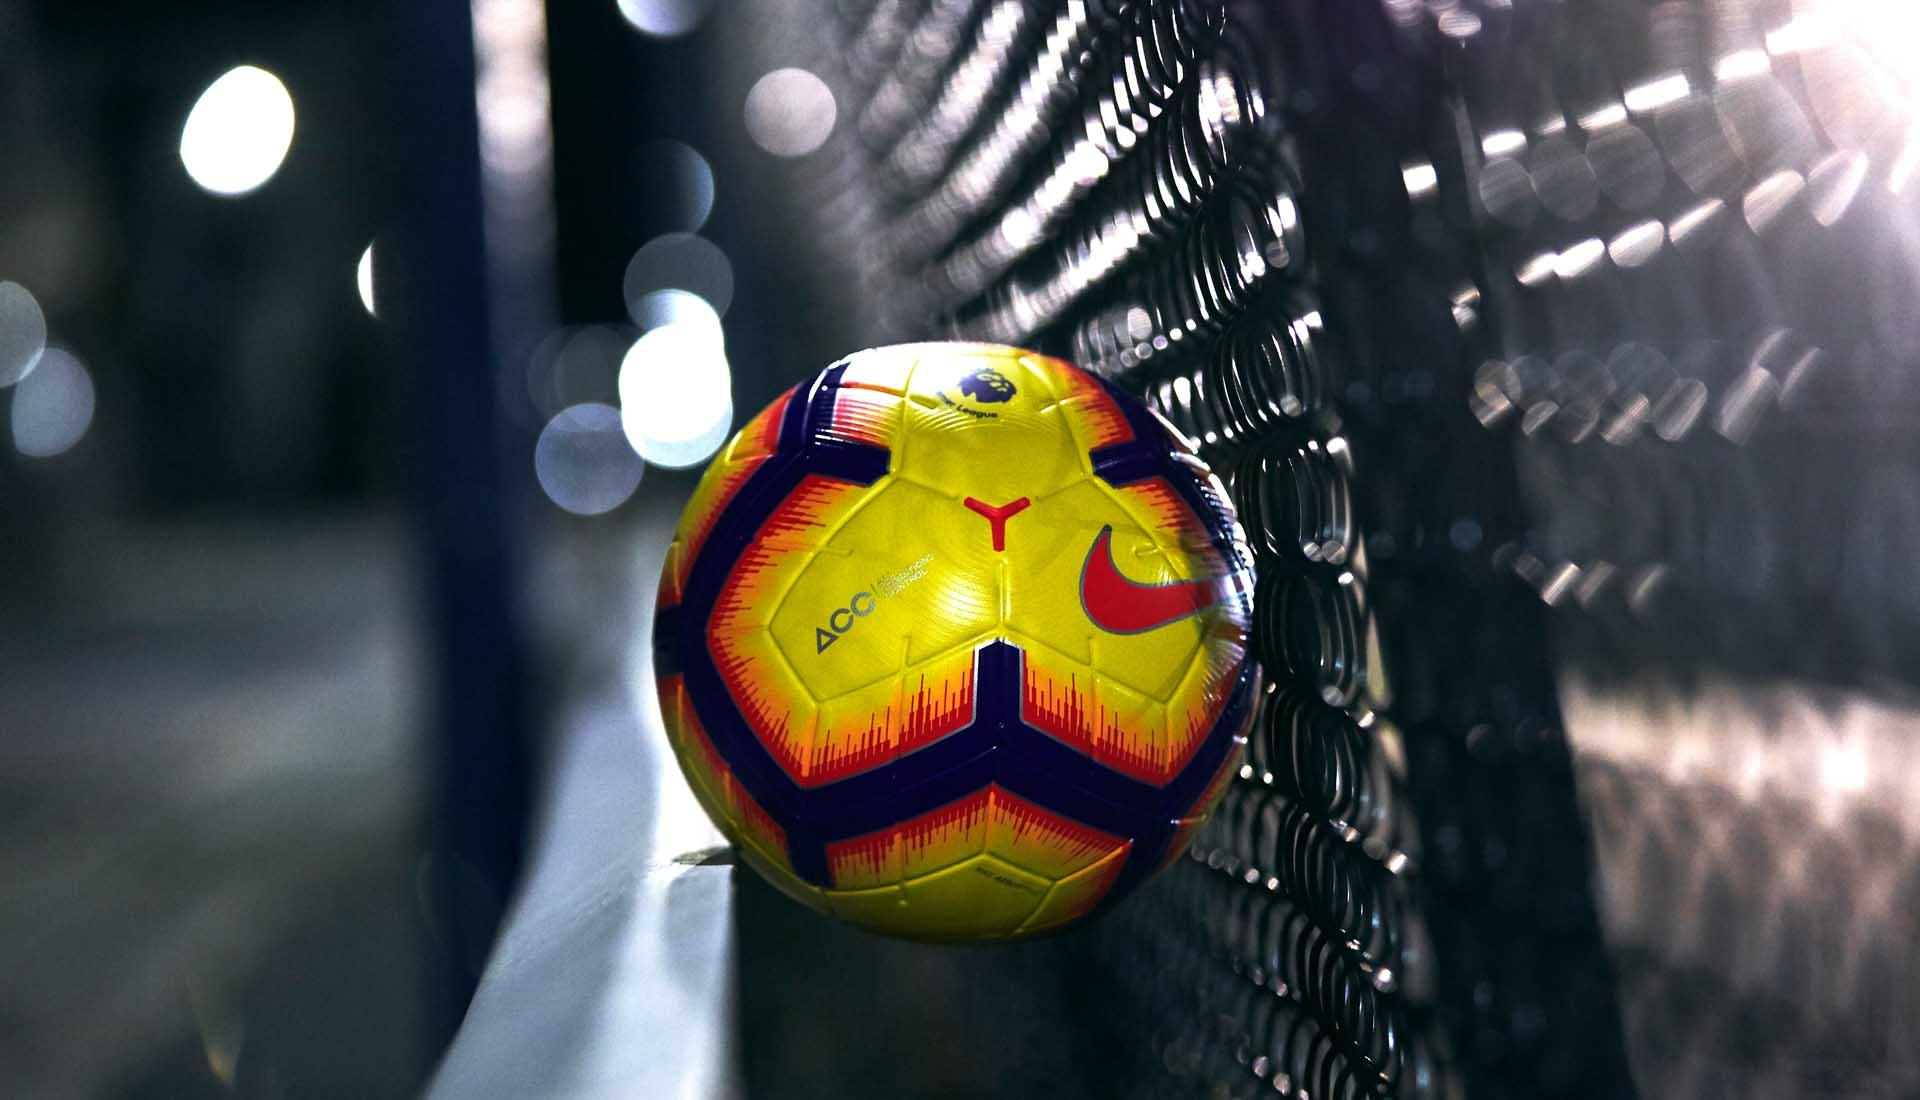 Reducción de precios Confusión Preludio  Nike Launch 18/19 Premier League Hi-Vis Ball - SoccerBible